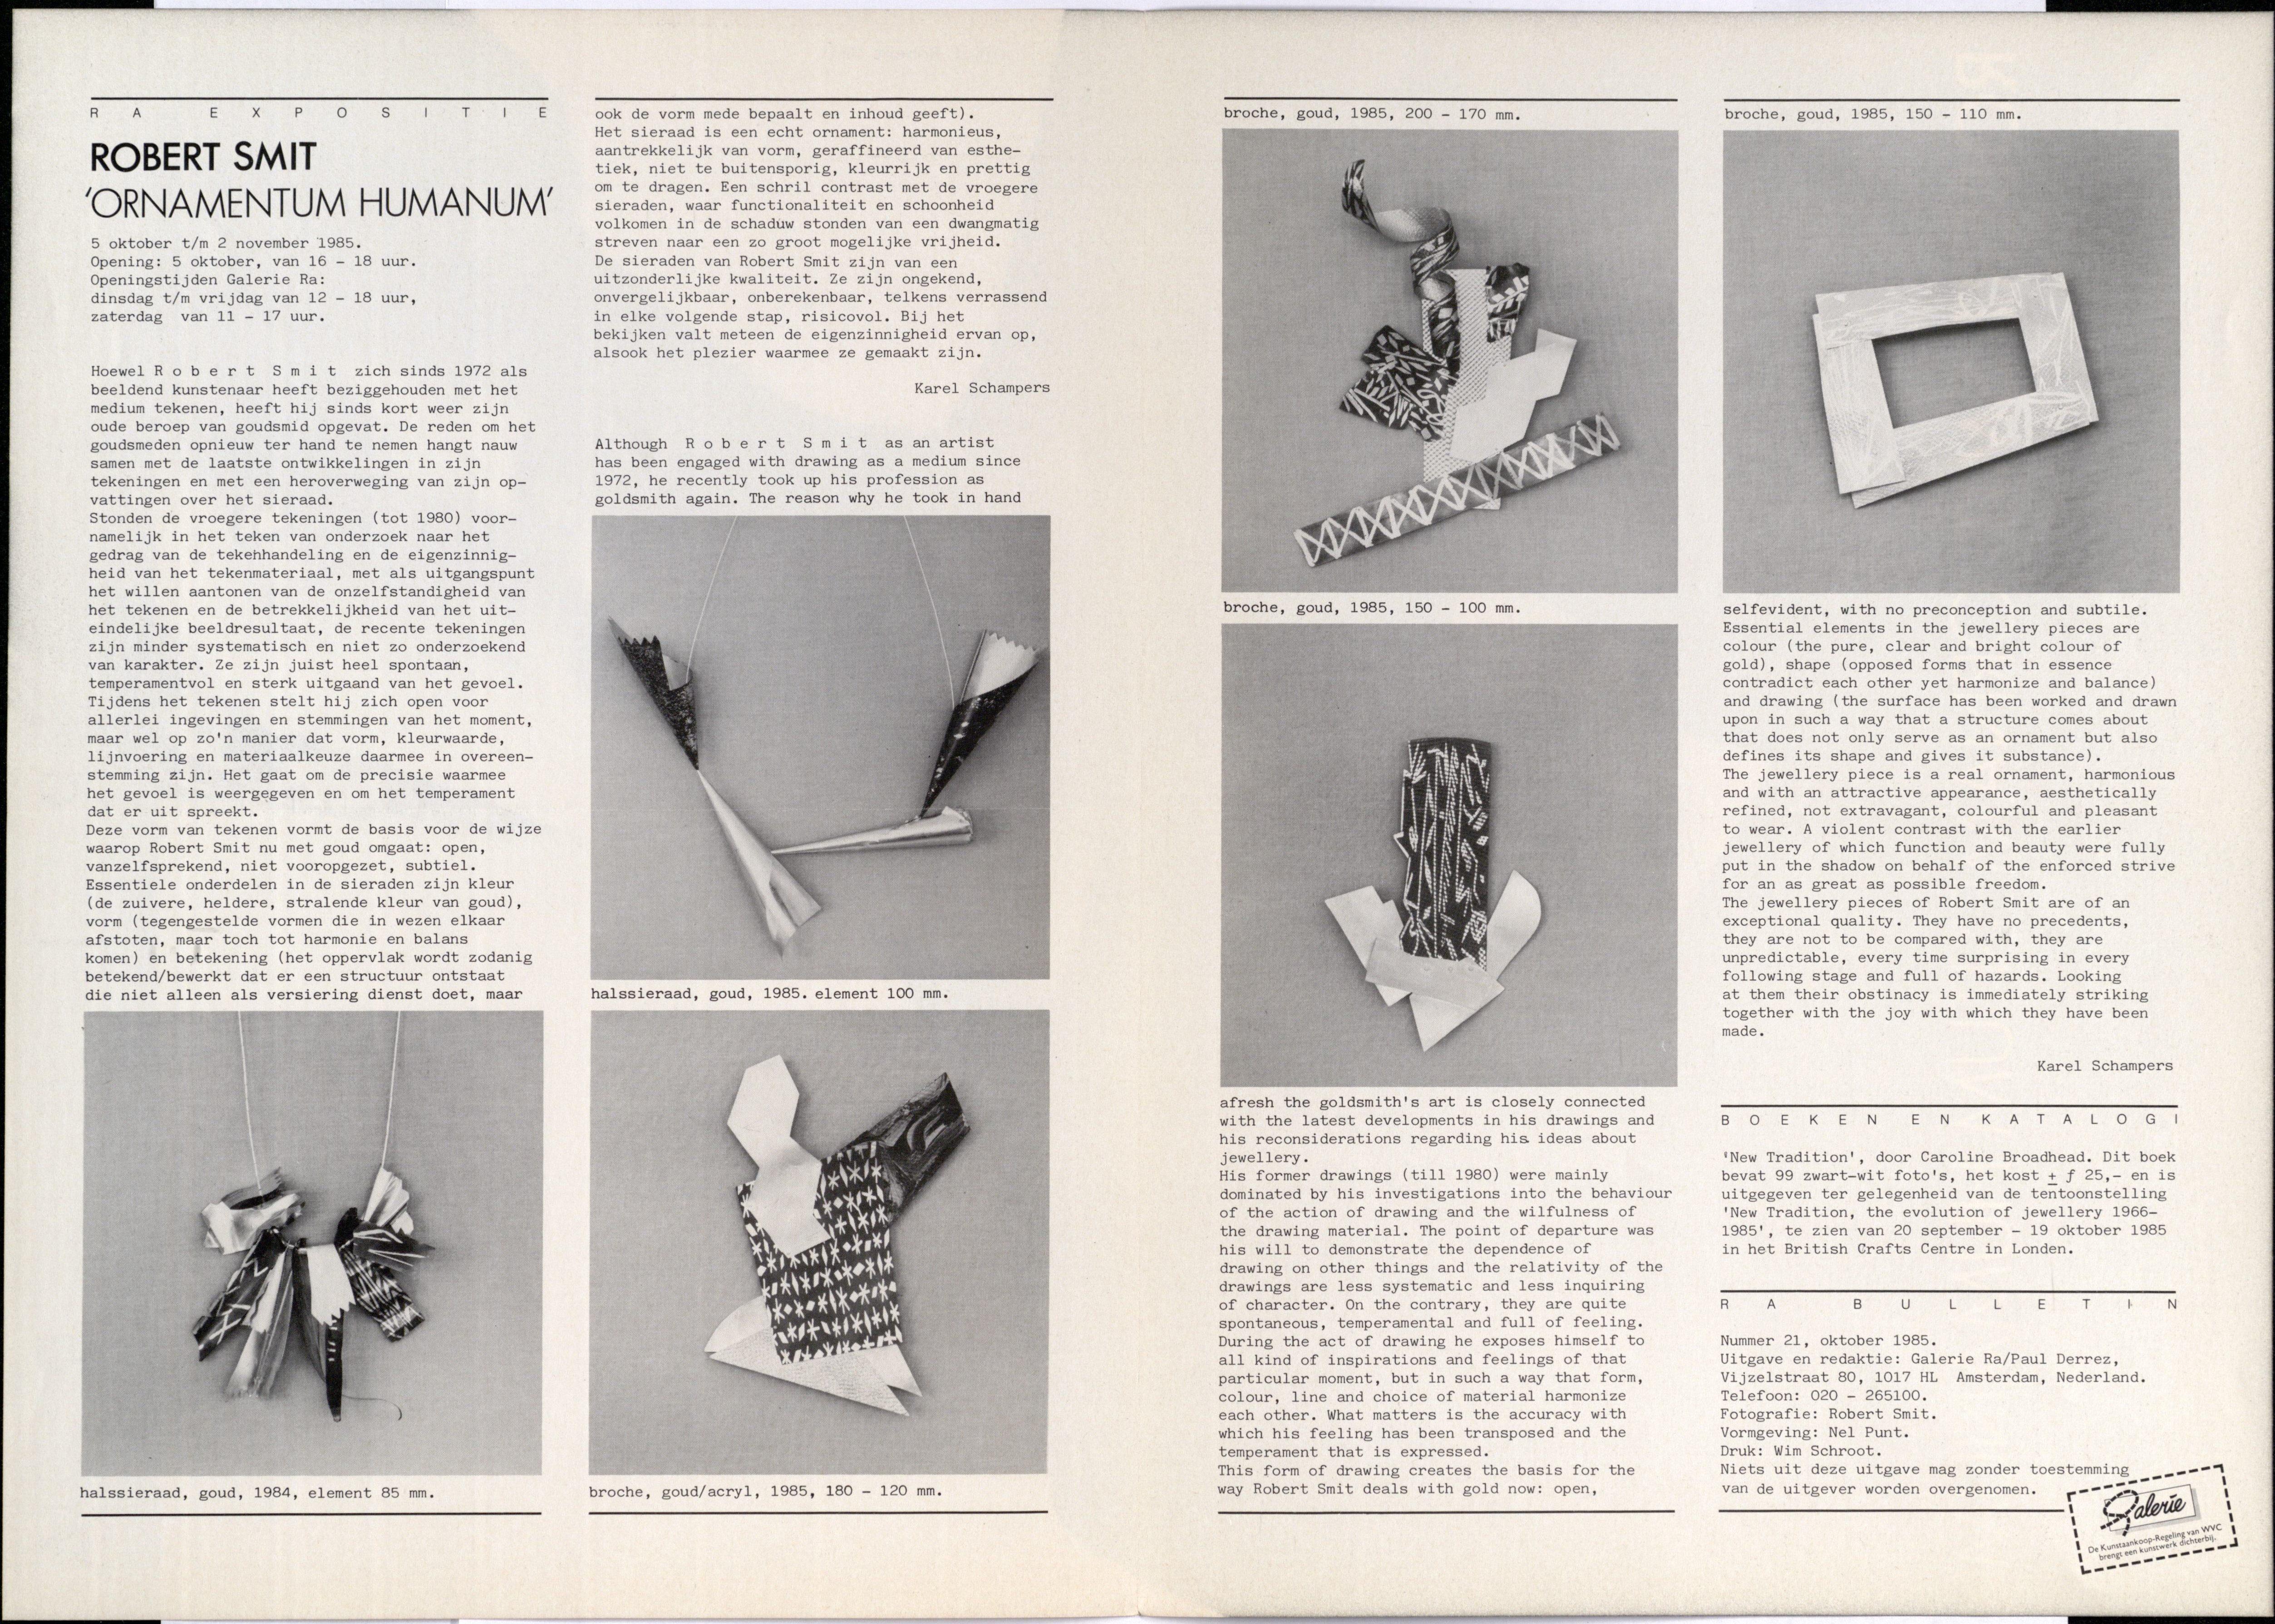 Ra Bulletin 21, oktober 1985, achterzijde met tekst en foto's van Robert Smit, halssieraden, broches, goud, acryl